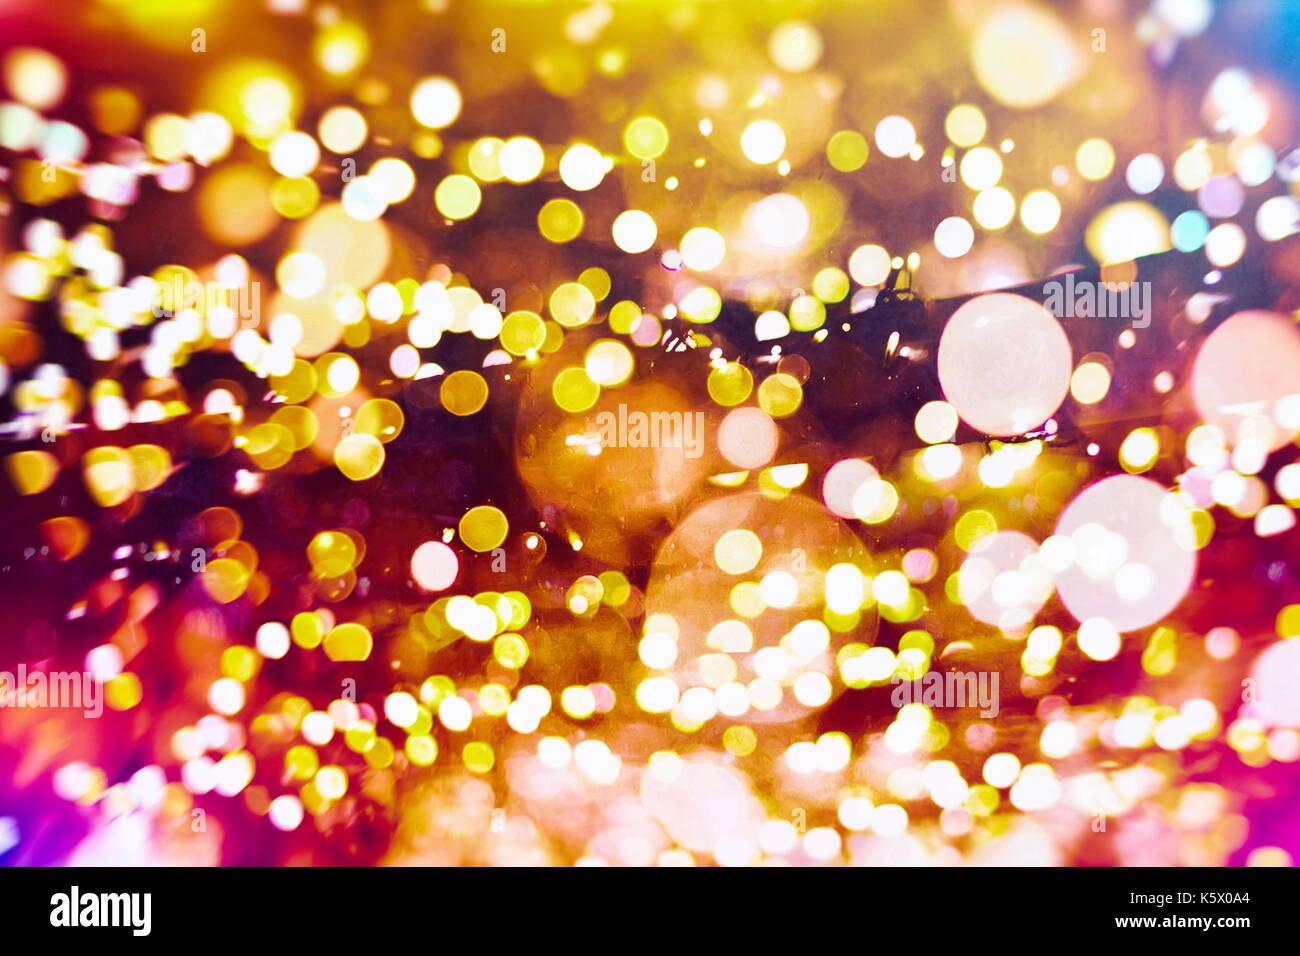 Sfondi Natalizi Luminosi.Festa Con Sfondo Bokeh Di Fondo Naturale E Luminoso Luci